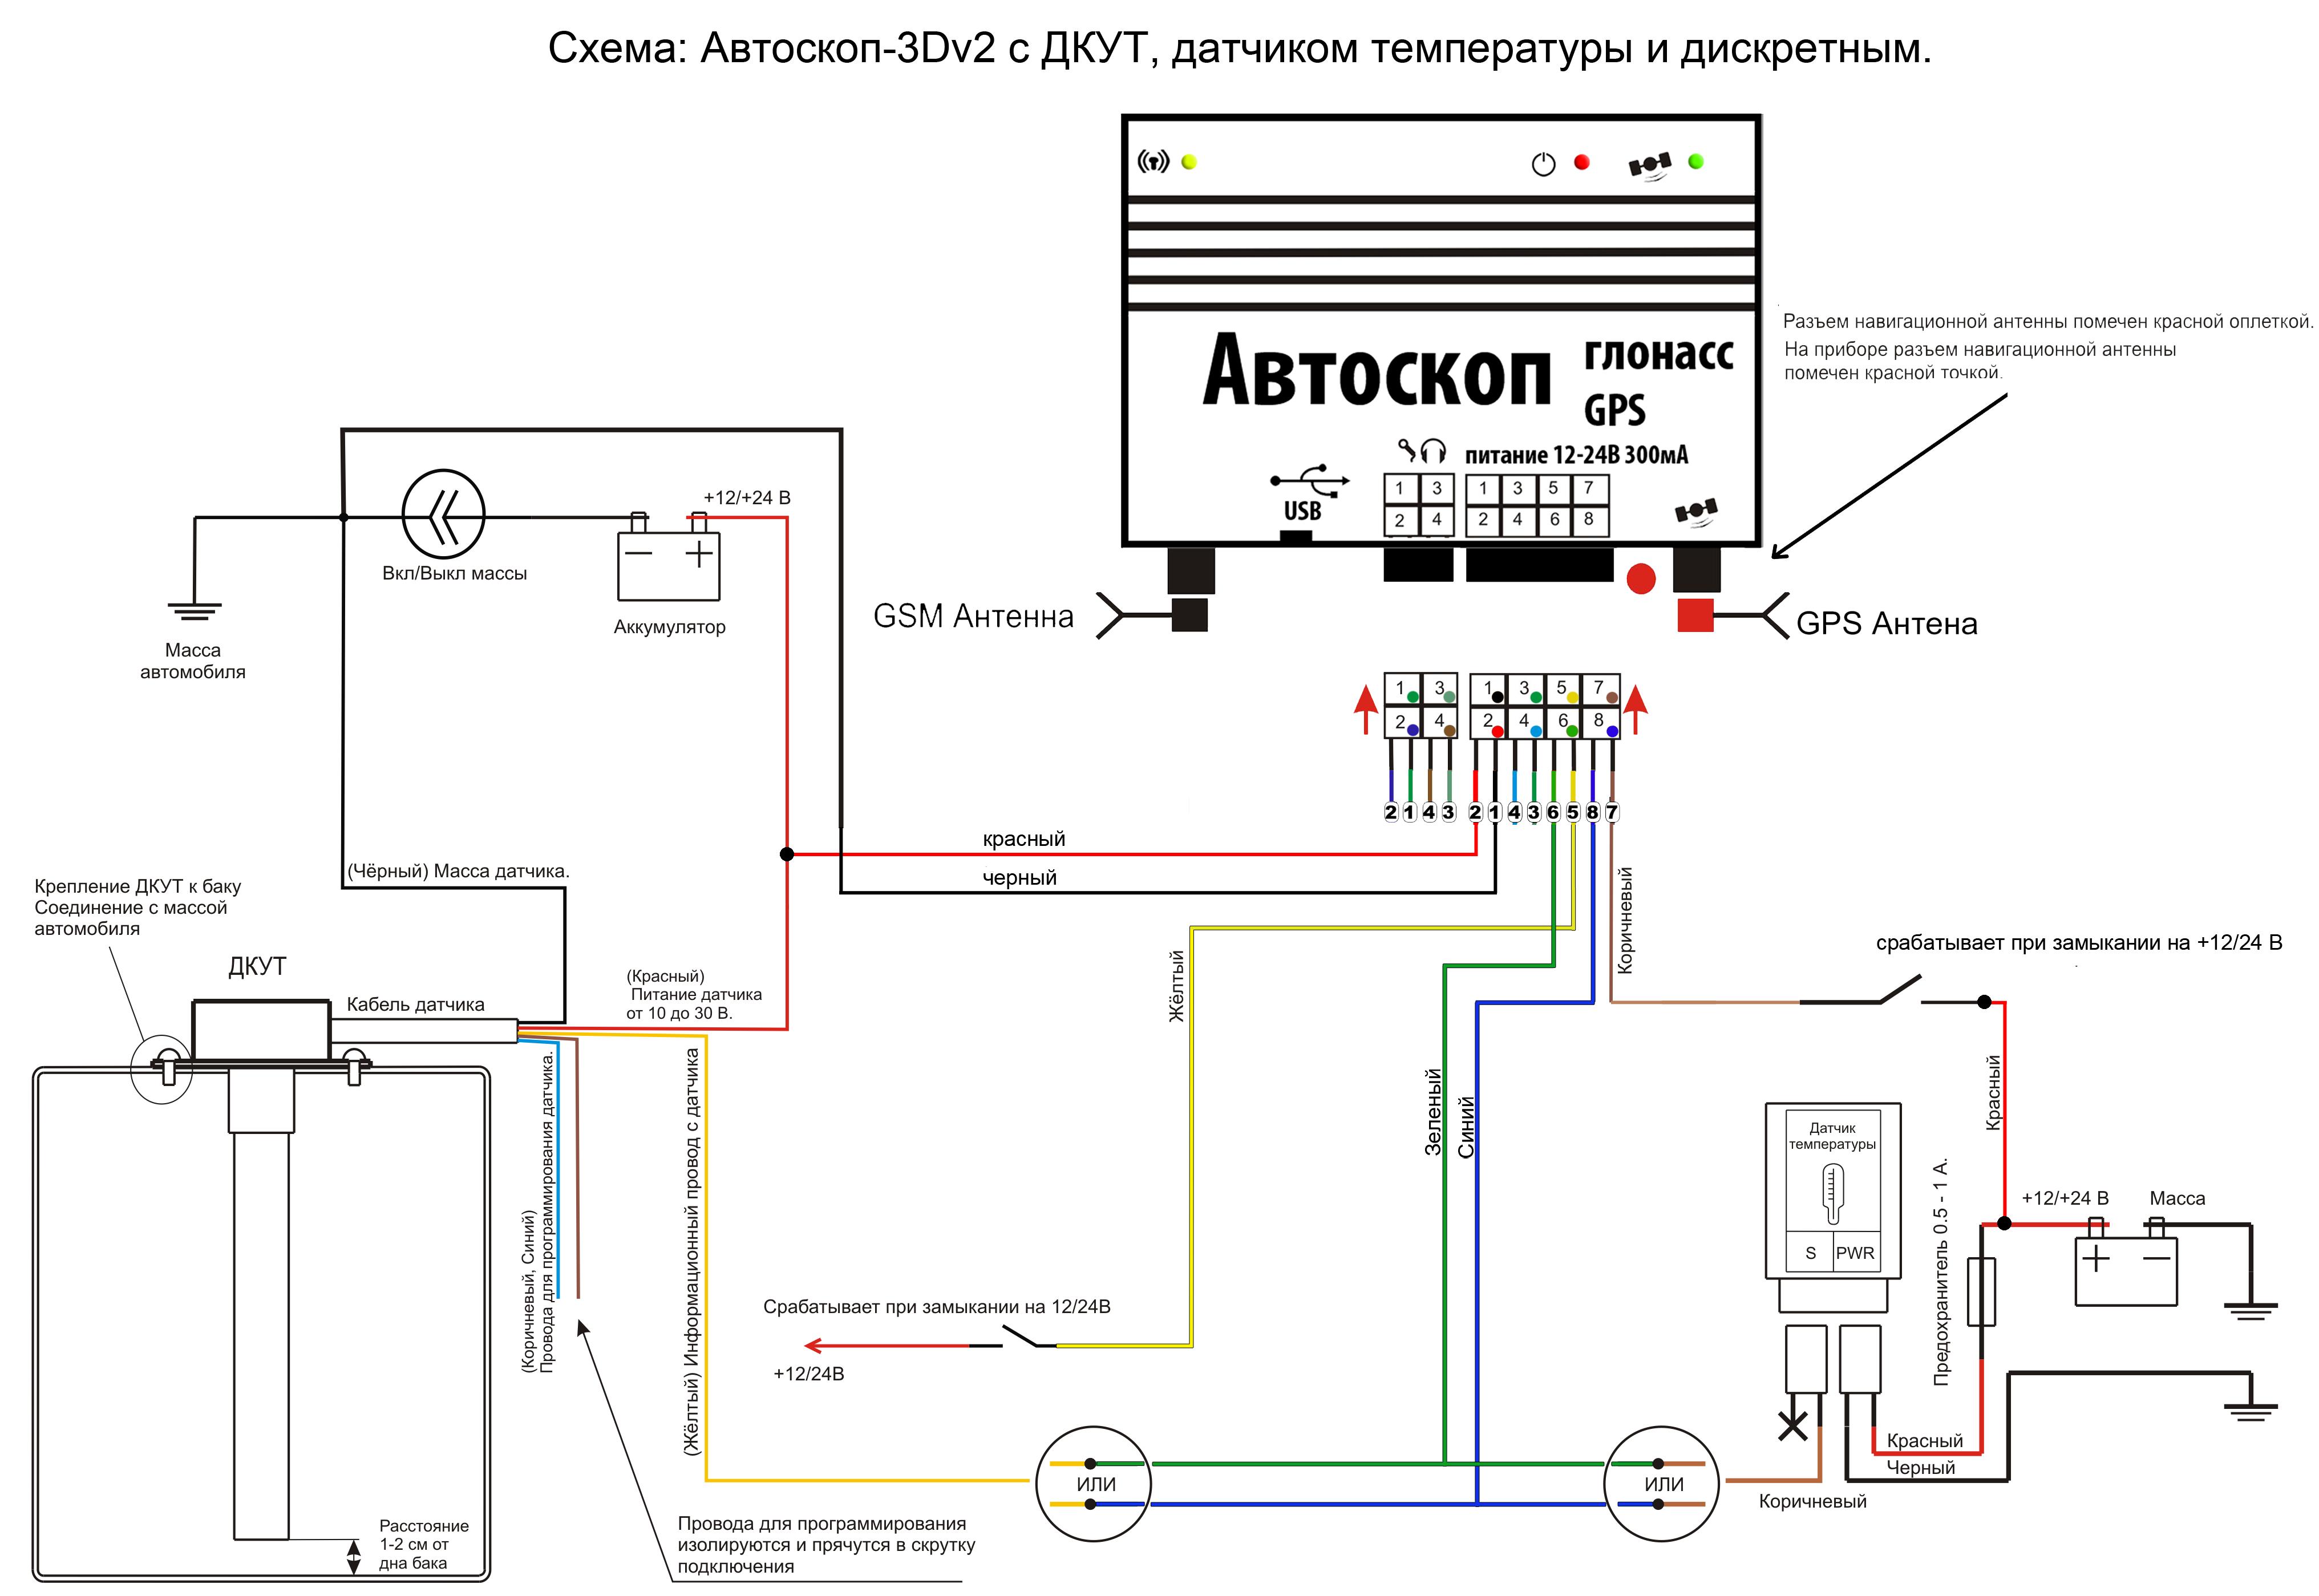 Схема подключения тепловых датчиков